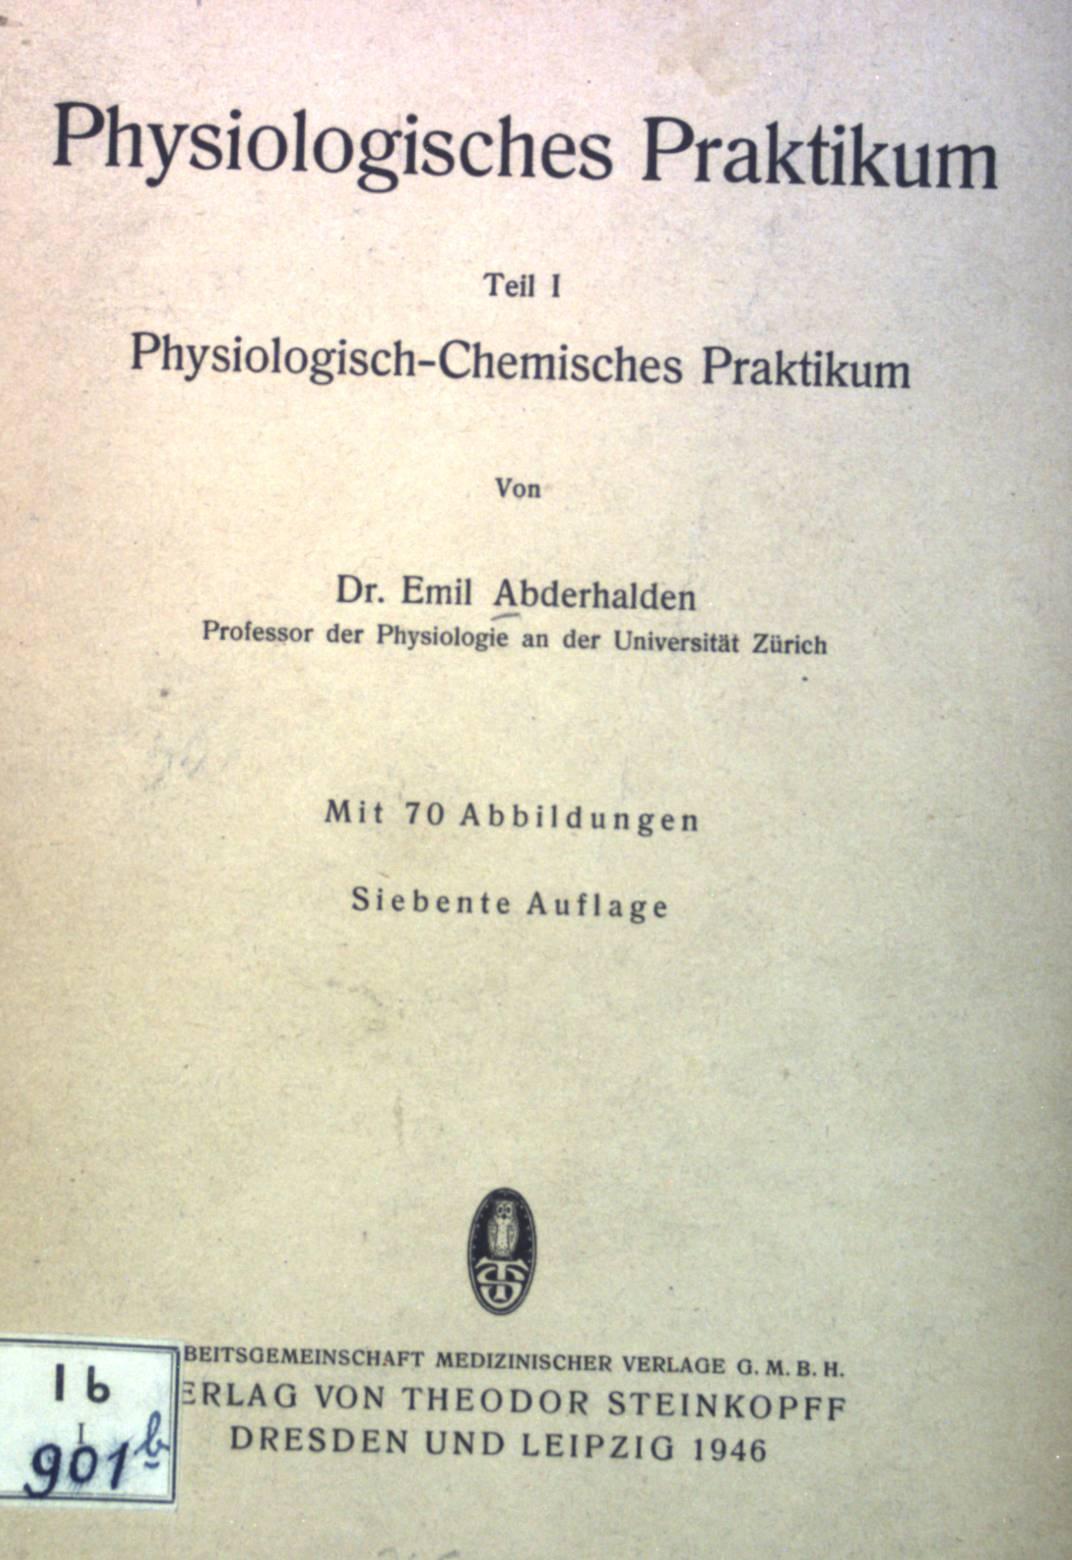 Physiologisches Praktikum. Physiologisch-Chemisches Praktikum, Teil I &: Abderhalden, Emil: